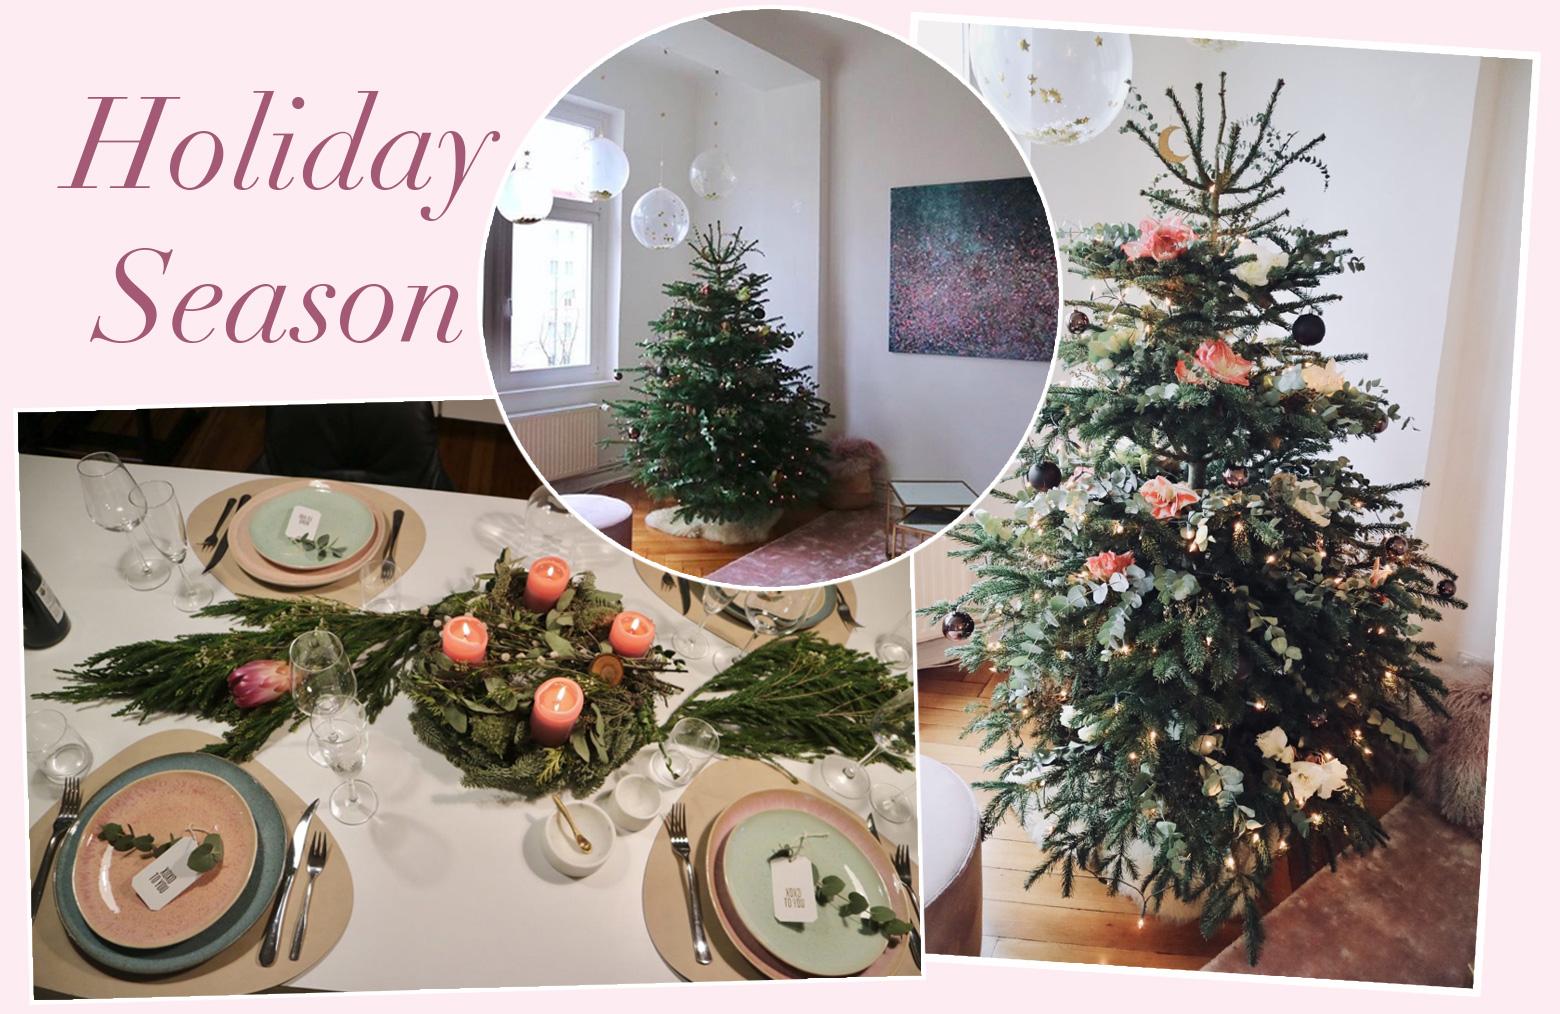 Weihnachtsbaum Weihnachten.Der Blumige Weihnachtsbaum So Dekoriert Jessie Ihre Wohnung Zu